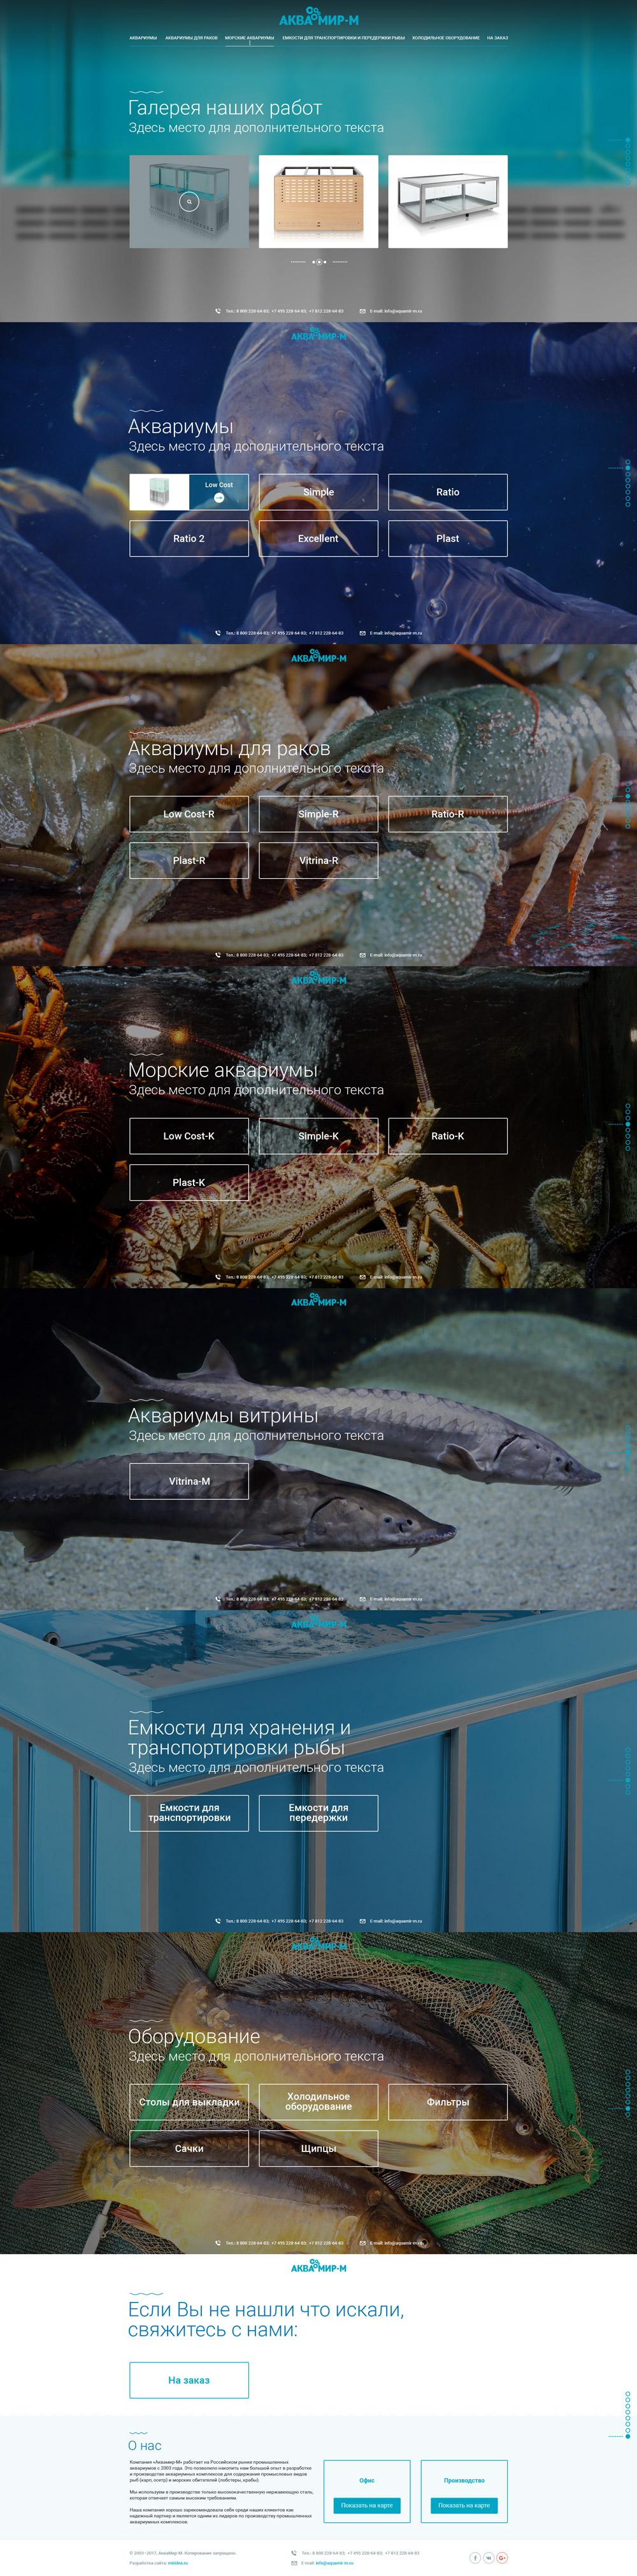 Аквамир-м - торговые аквариумы (WordPress)